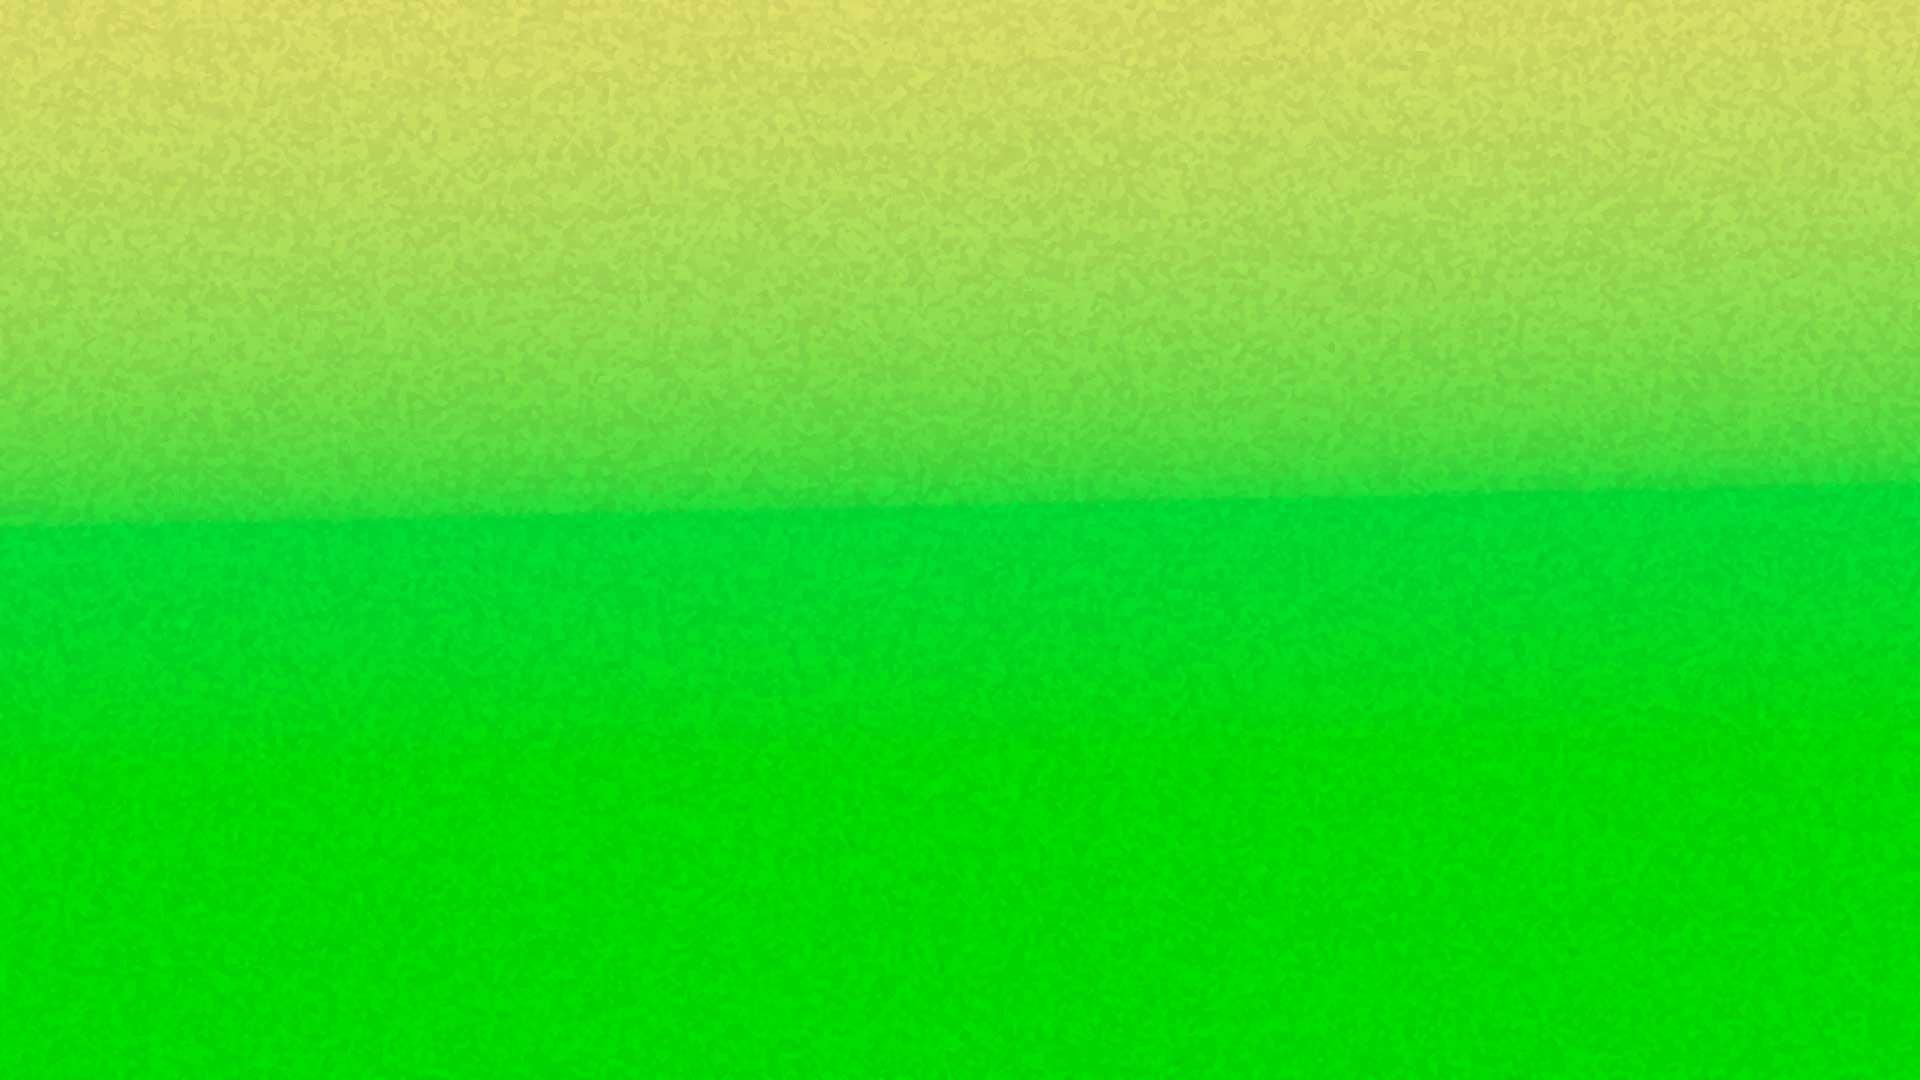 Обои зеленого цвета на рабочий стол